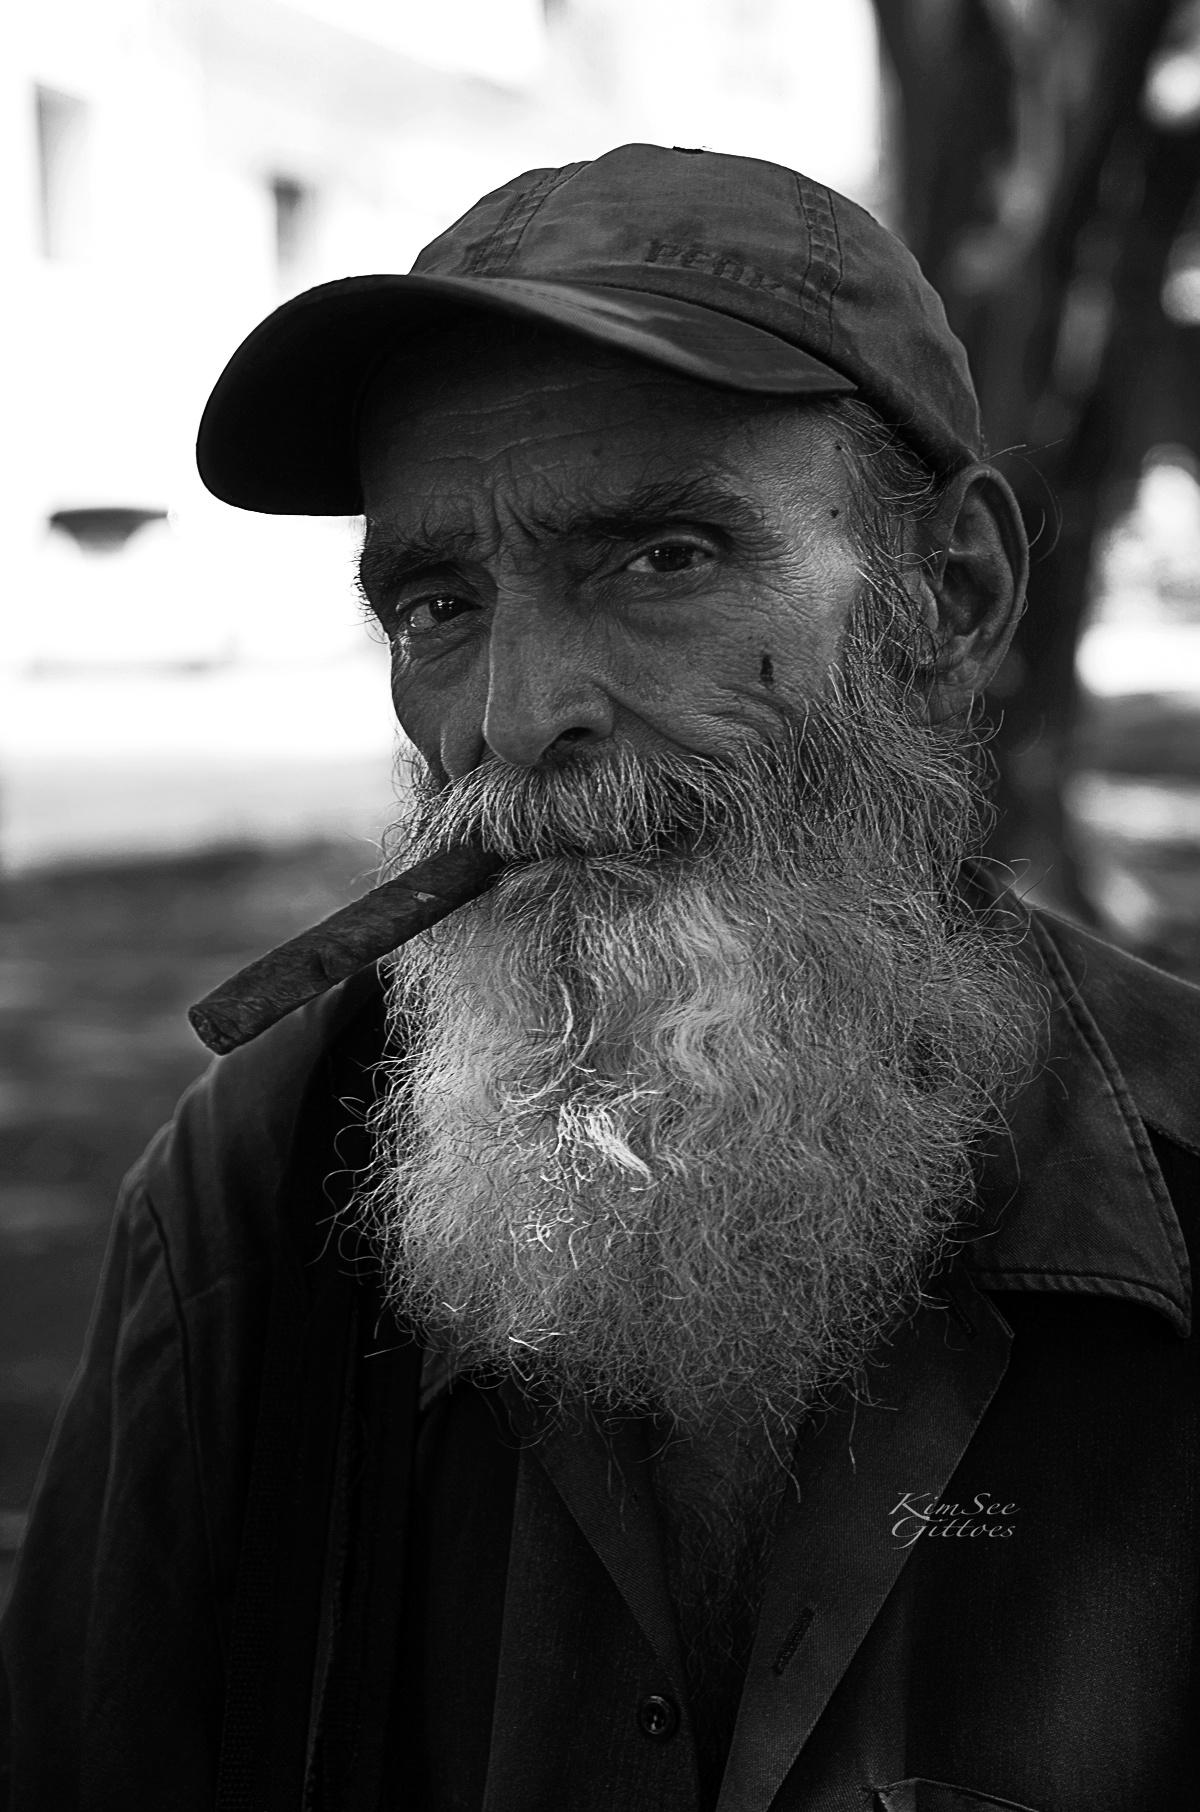 Cuban man by KimSee